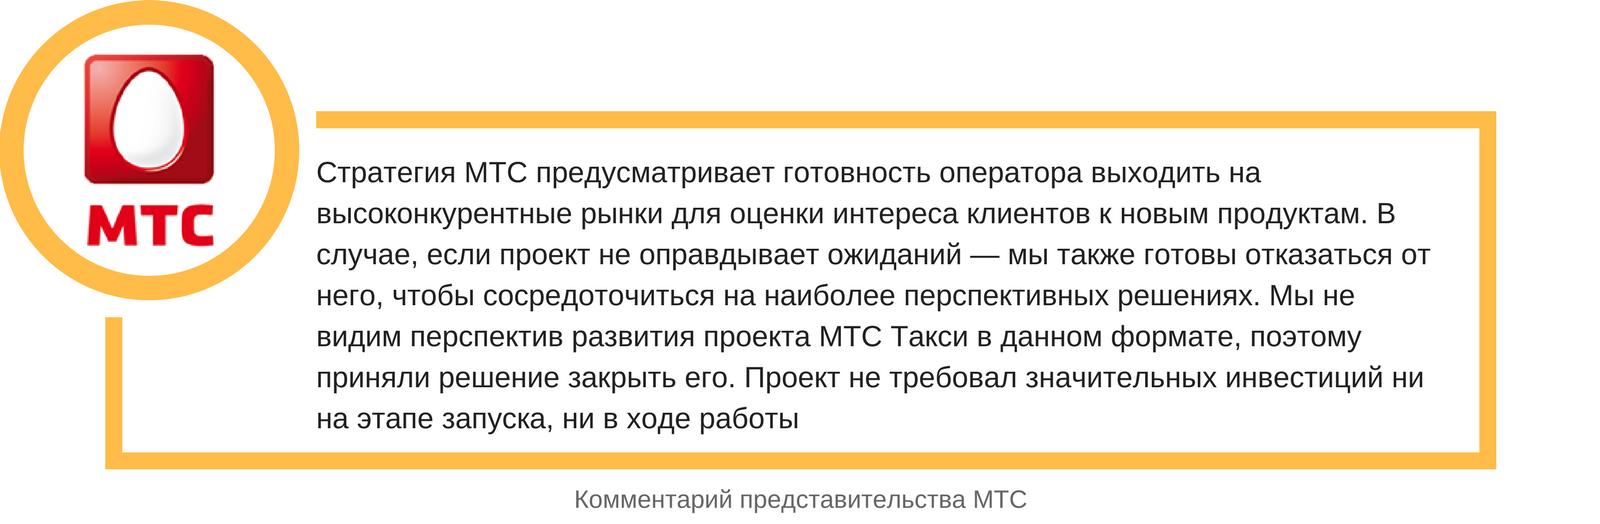 МТС комментирует провал своего проекта